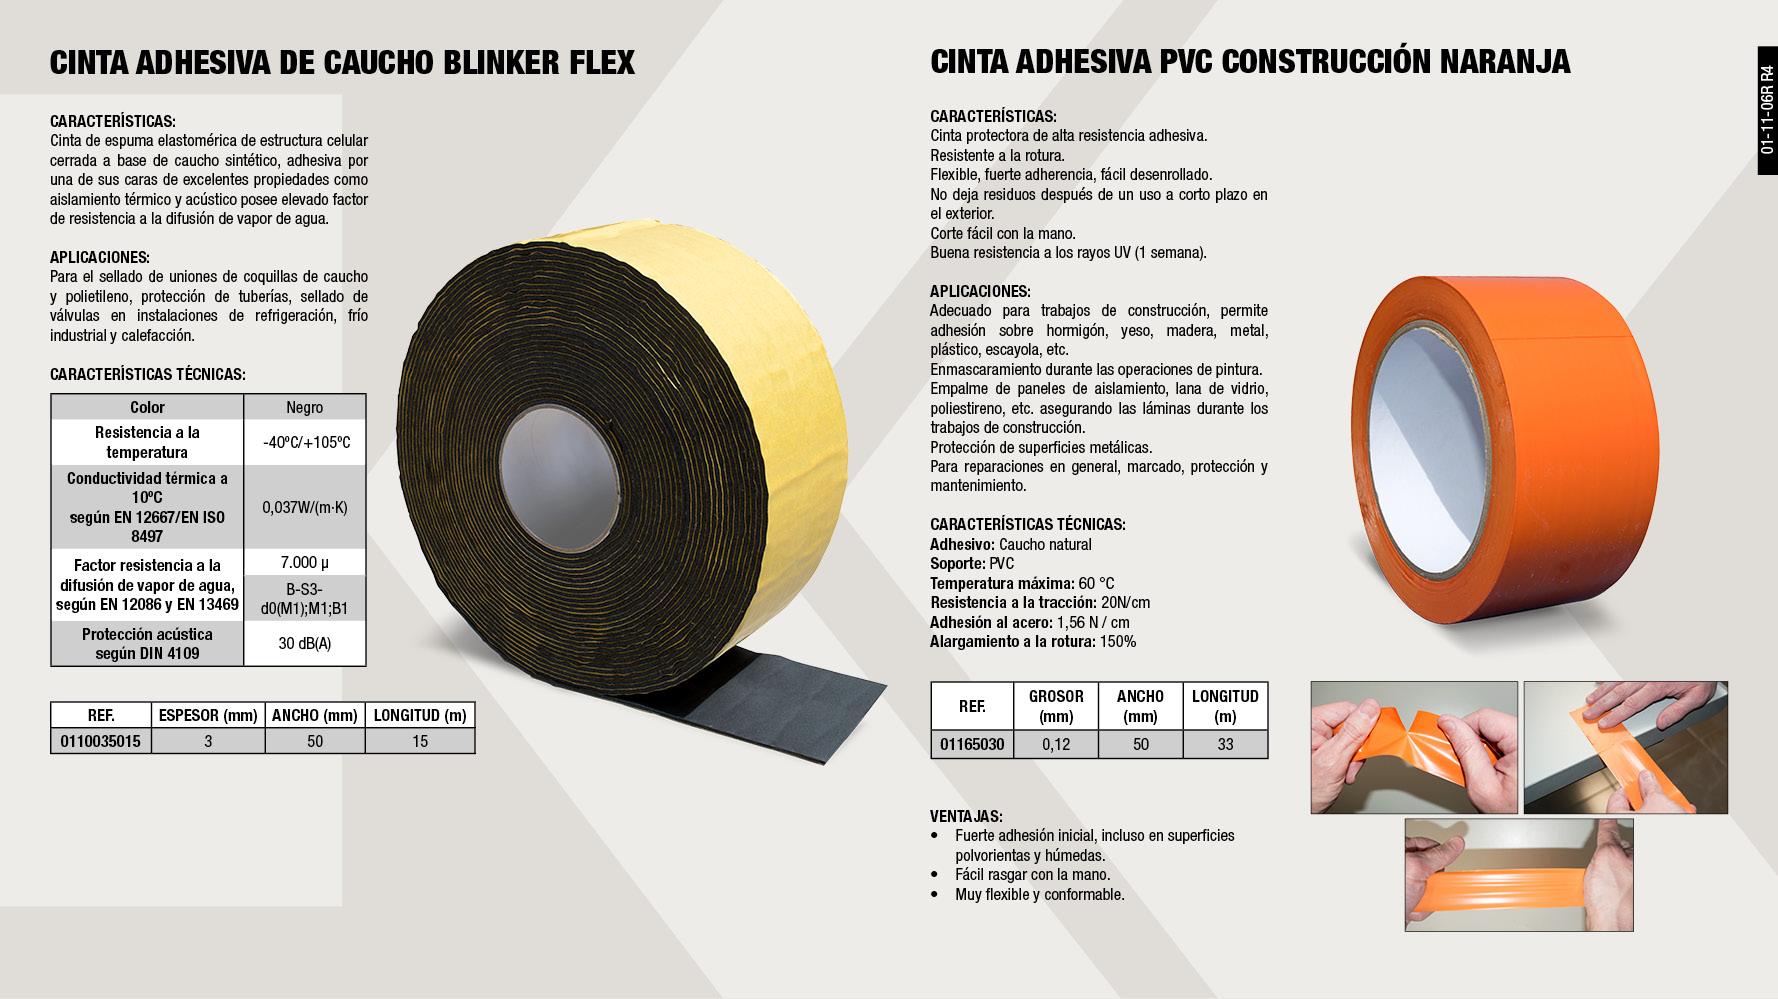 CINTA PVC CONSTRUCCION NARANJA 50MMX33M                     ,  CINTA BLINKERFLEX 3X50X15M                                  ,